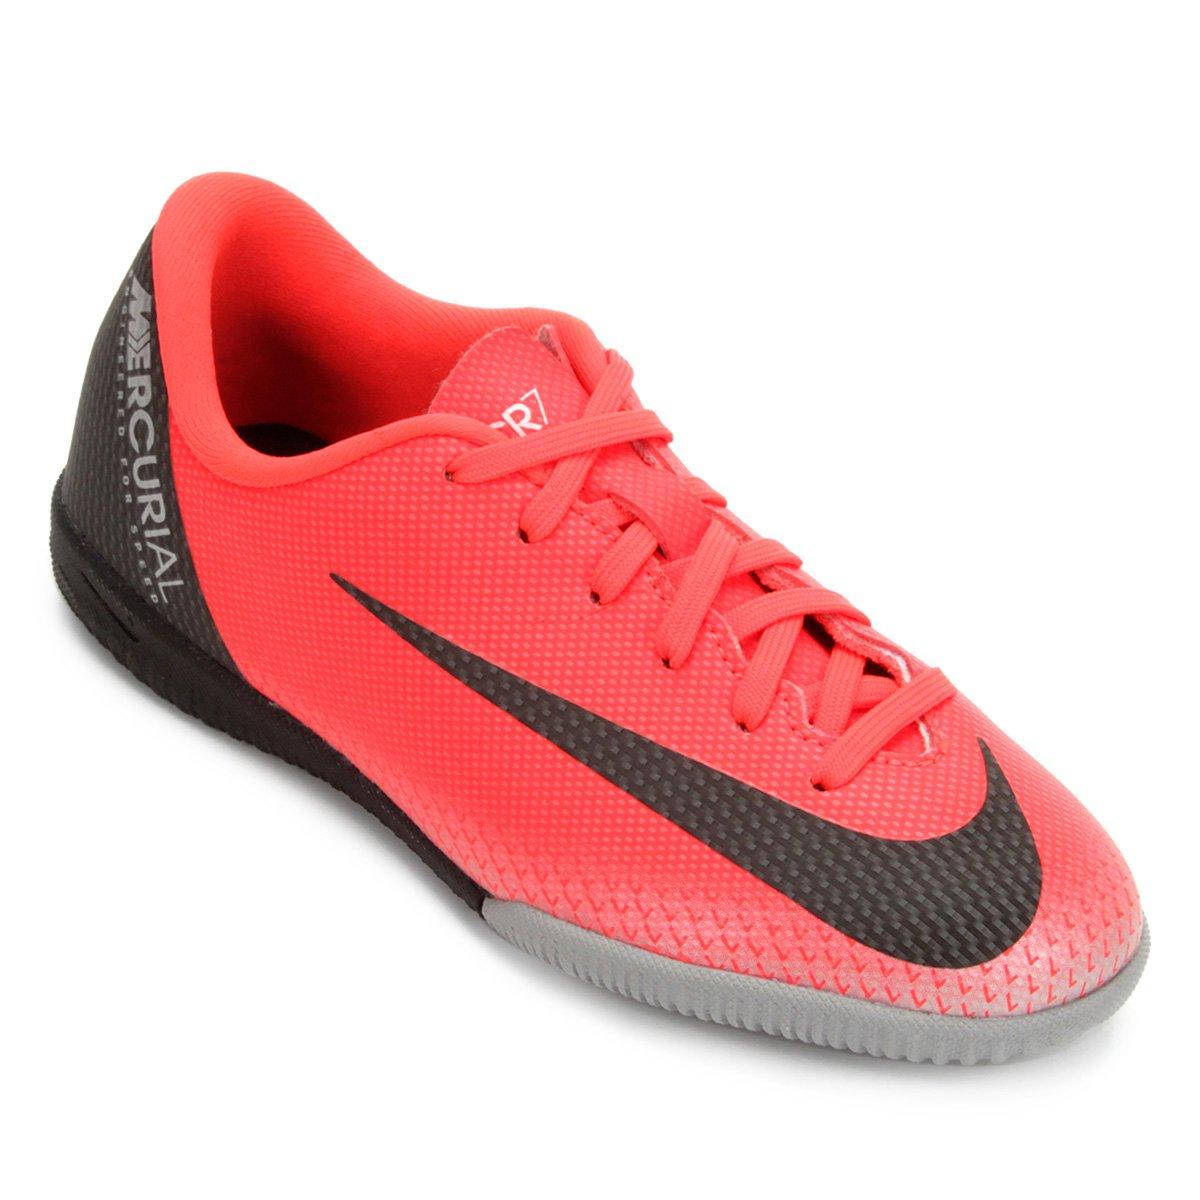 facee4bbc3a38 Chuteira Futsal Infantil Nike Mercurial Vapor 12 Academy GS CR7 IC -  Vermelho e Cinza | Loja do Inter